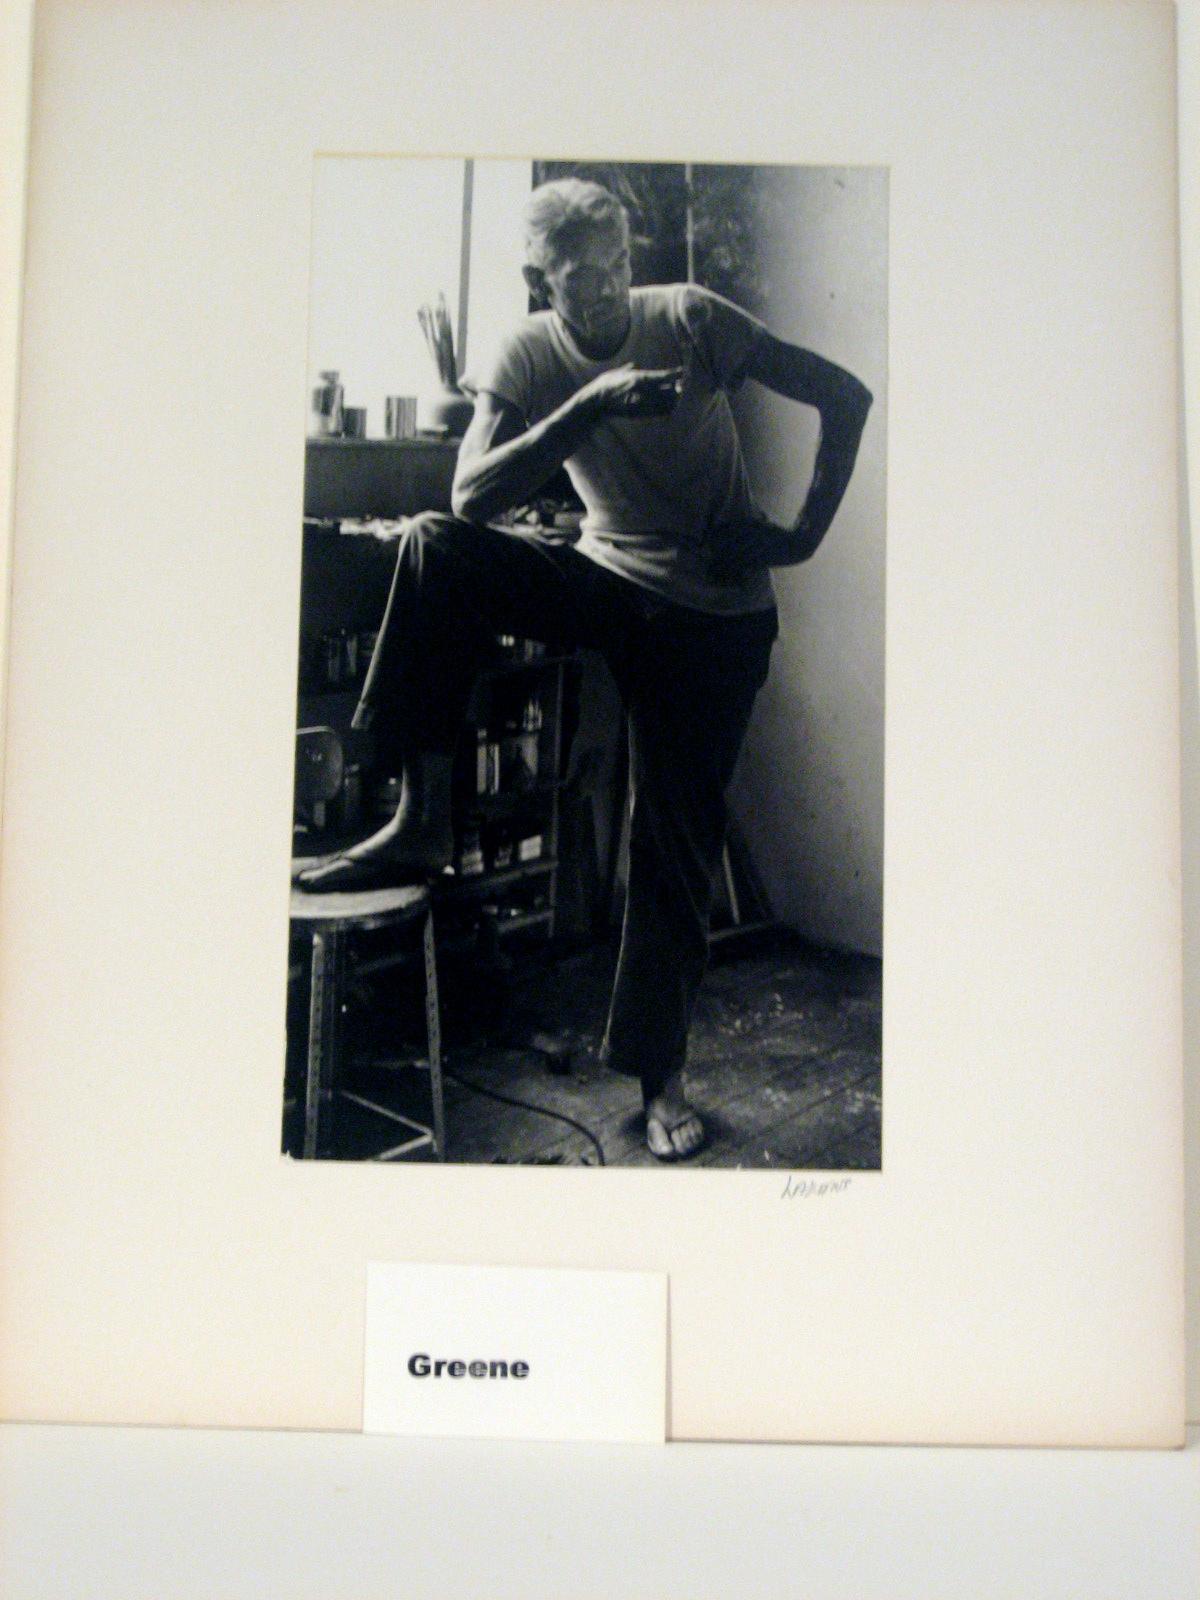 Greene 5.jpg